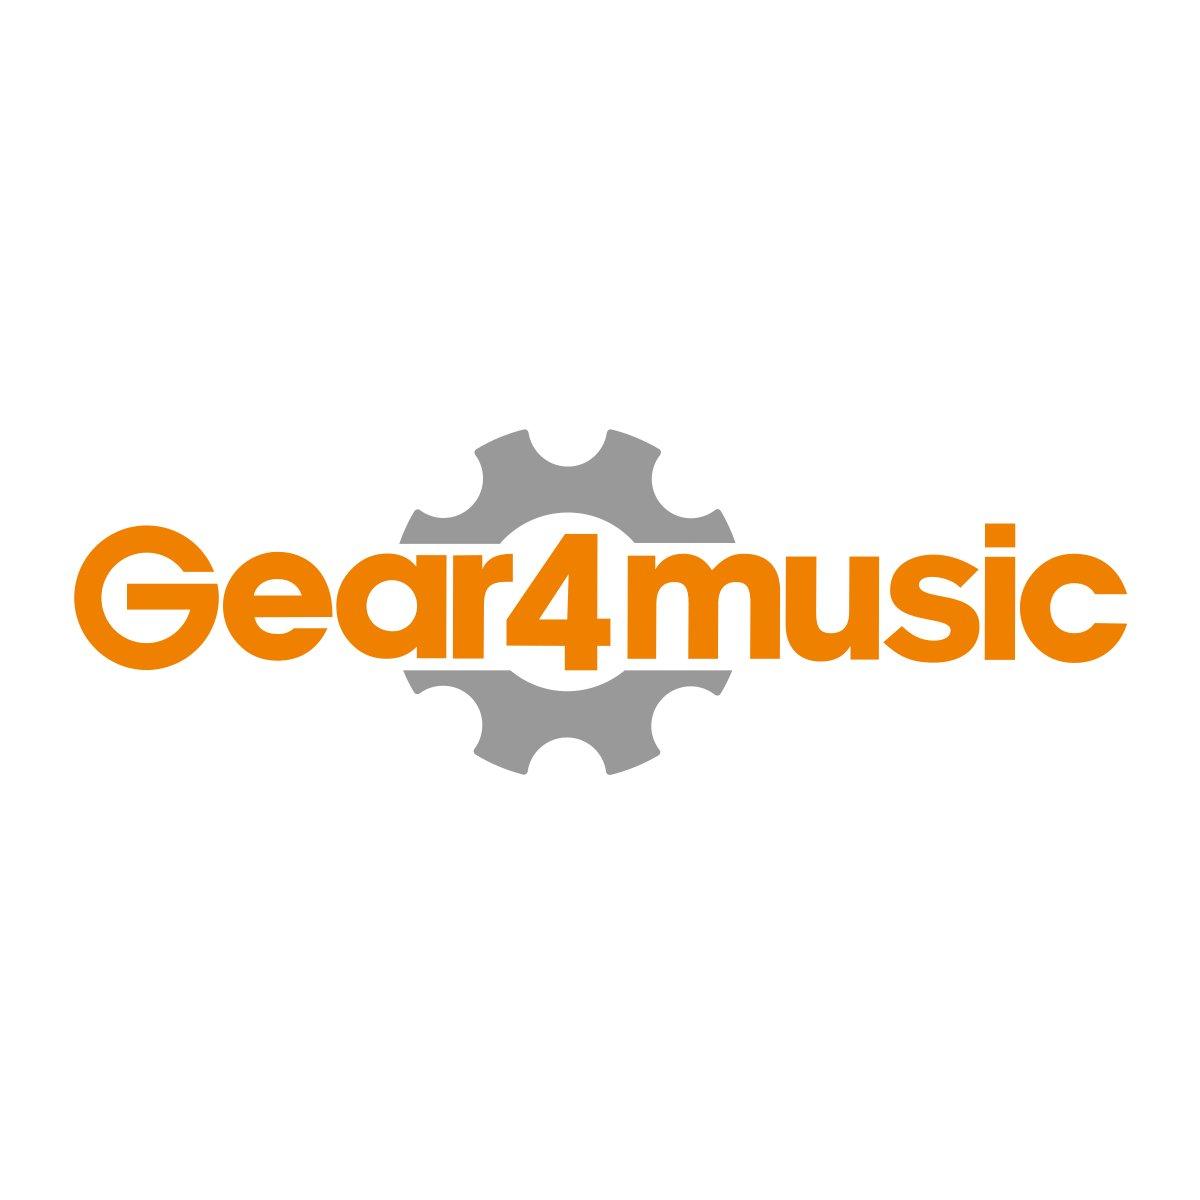 MK-6000 Teclado com MIDI USB da Gear4music - Pack Completo